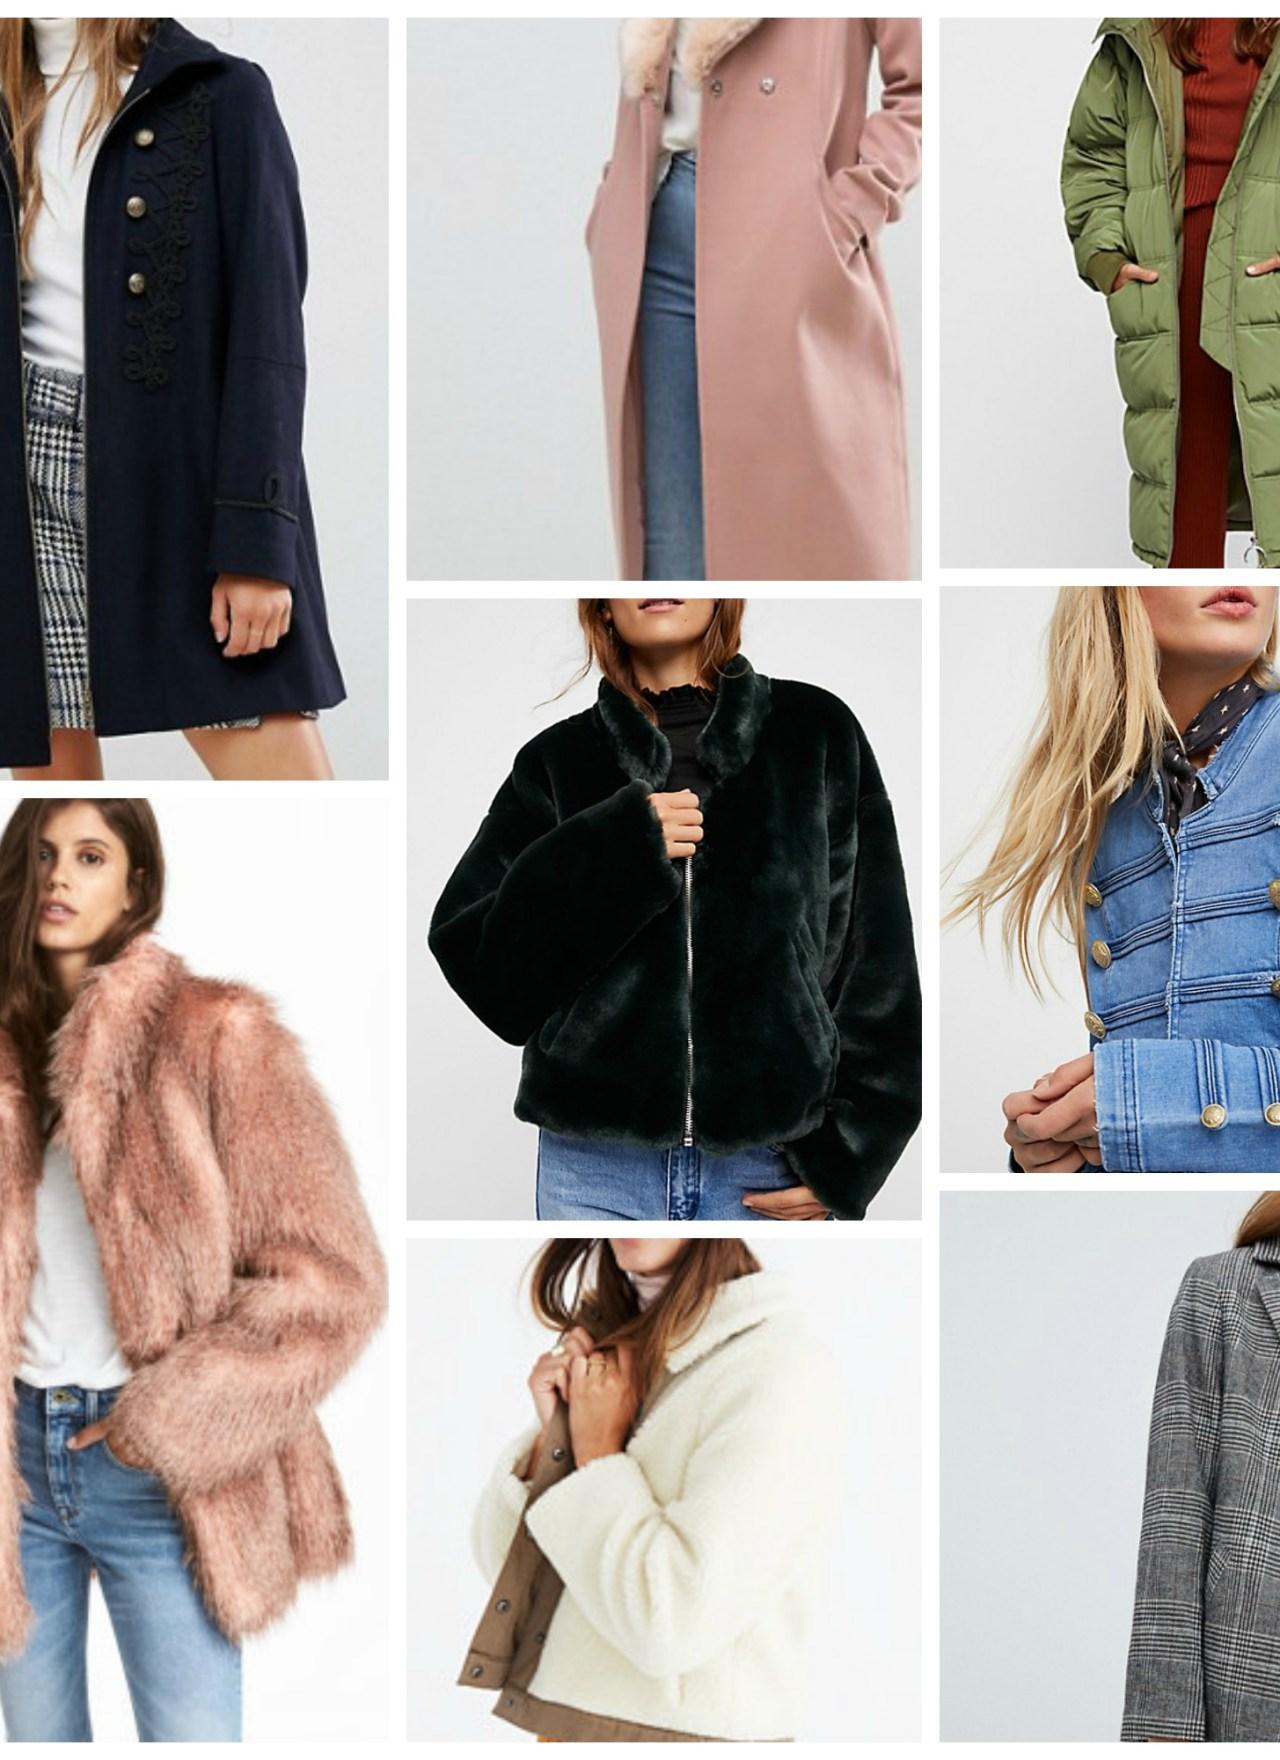 Fall Jackets and Coats